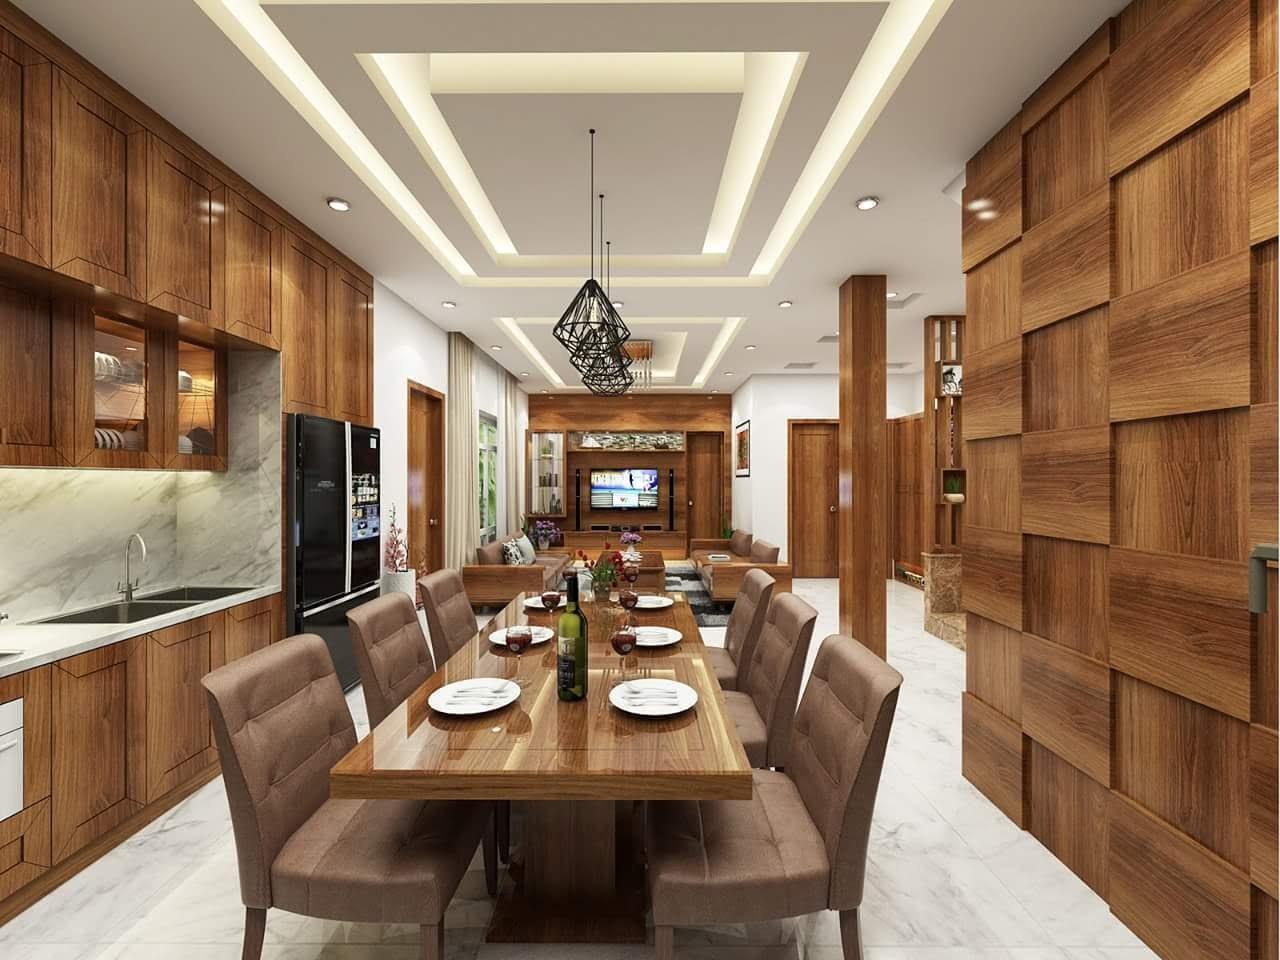 Thiết kế nội thất gỗ tự nhiên - gia tăng giá trị không gian nhà bạn